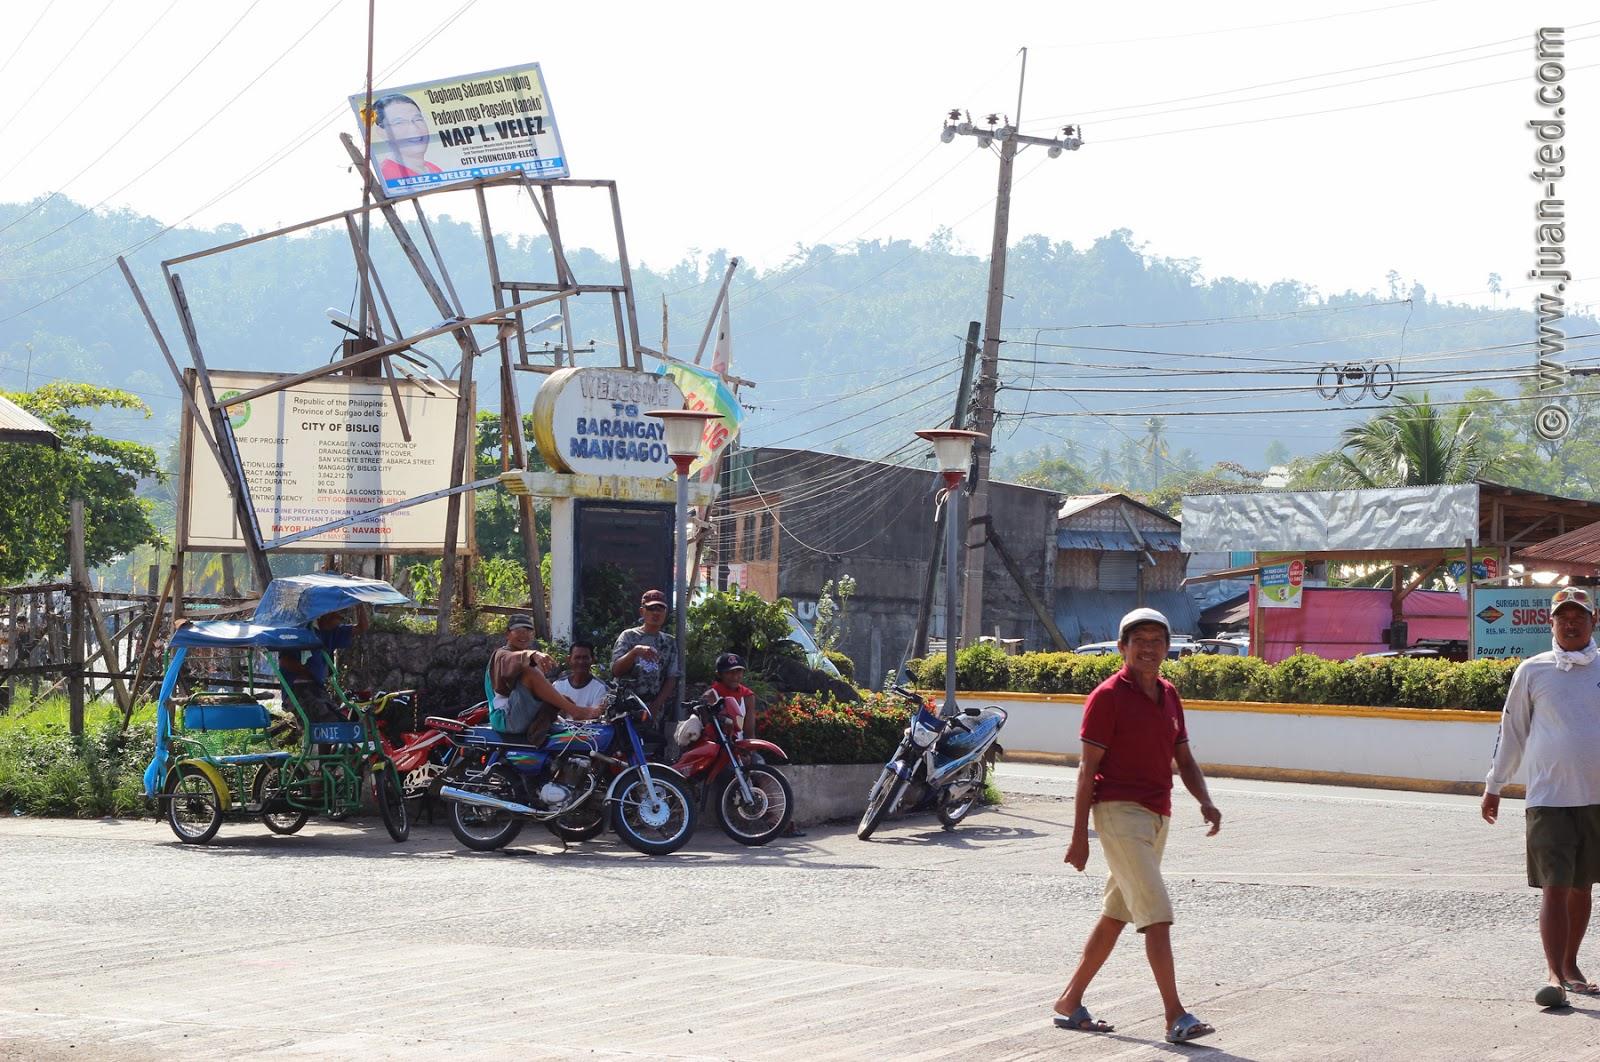 Bislig Philippines  city photos : Mangagoy Bus Terminal & Habal habal, Mangagoy, Bislig City, Province ...